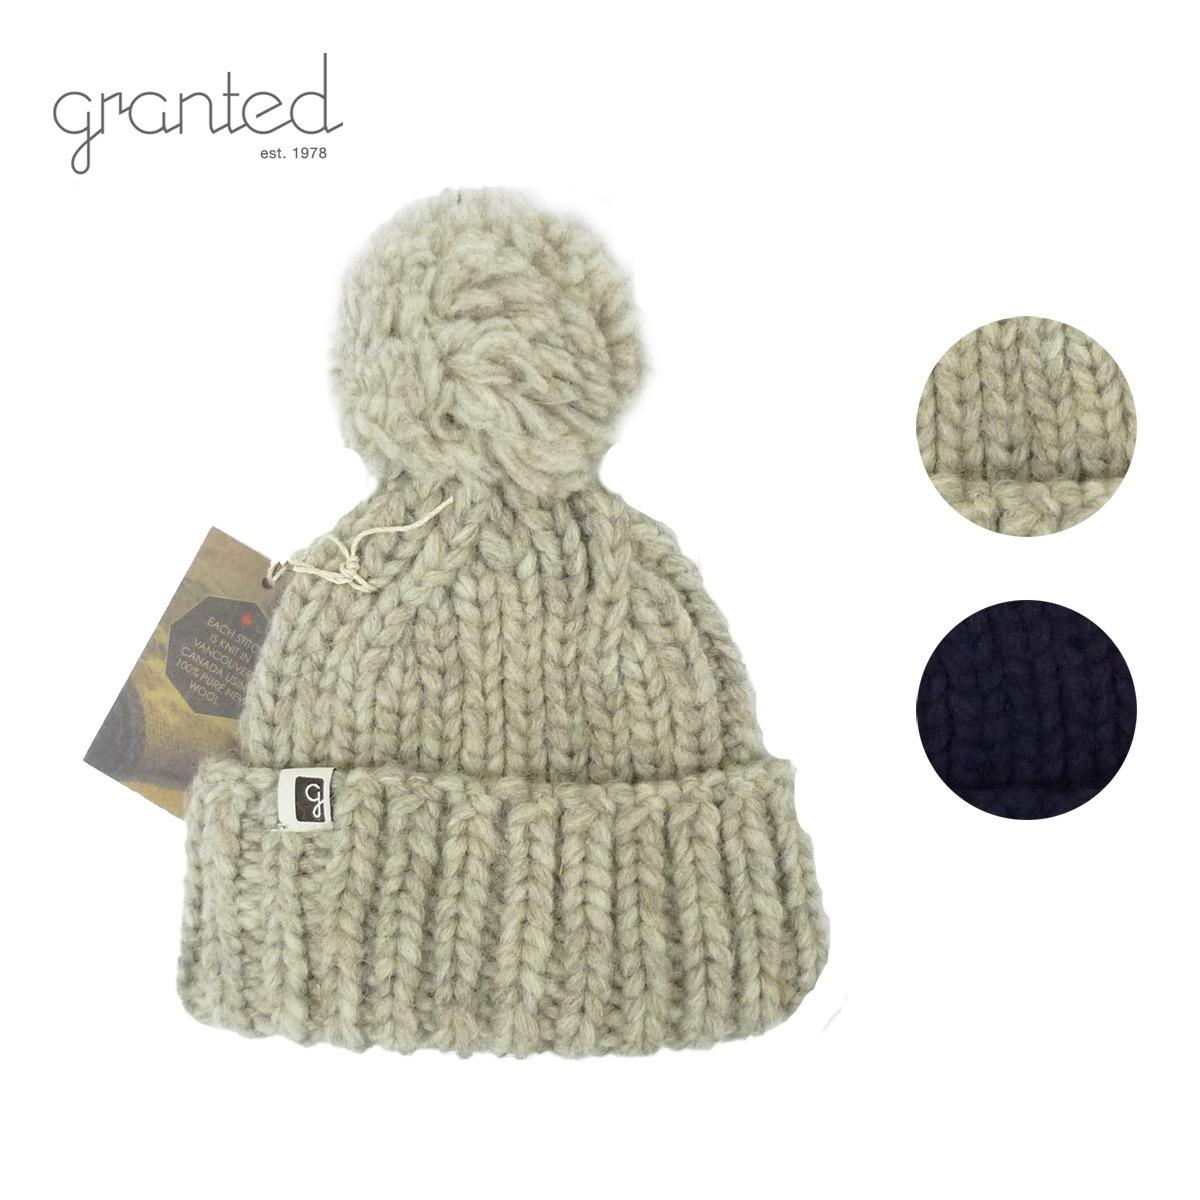 GRANTED グランテッド KNIT CAP CLASSIC TOQUE HAT メンズ/レディース グレー/ネイビー FREE[ニット帽 ウールキャップ キャップ 帽子 ポンポン 無地 ウール ニット カナダ製 ブランド アメカジ アウトドア 灰色 紺]